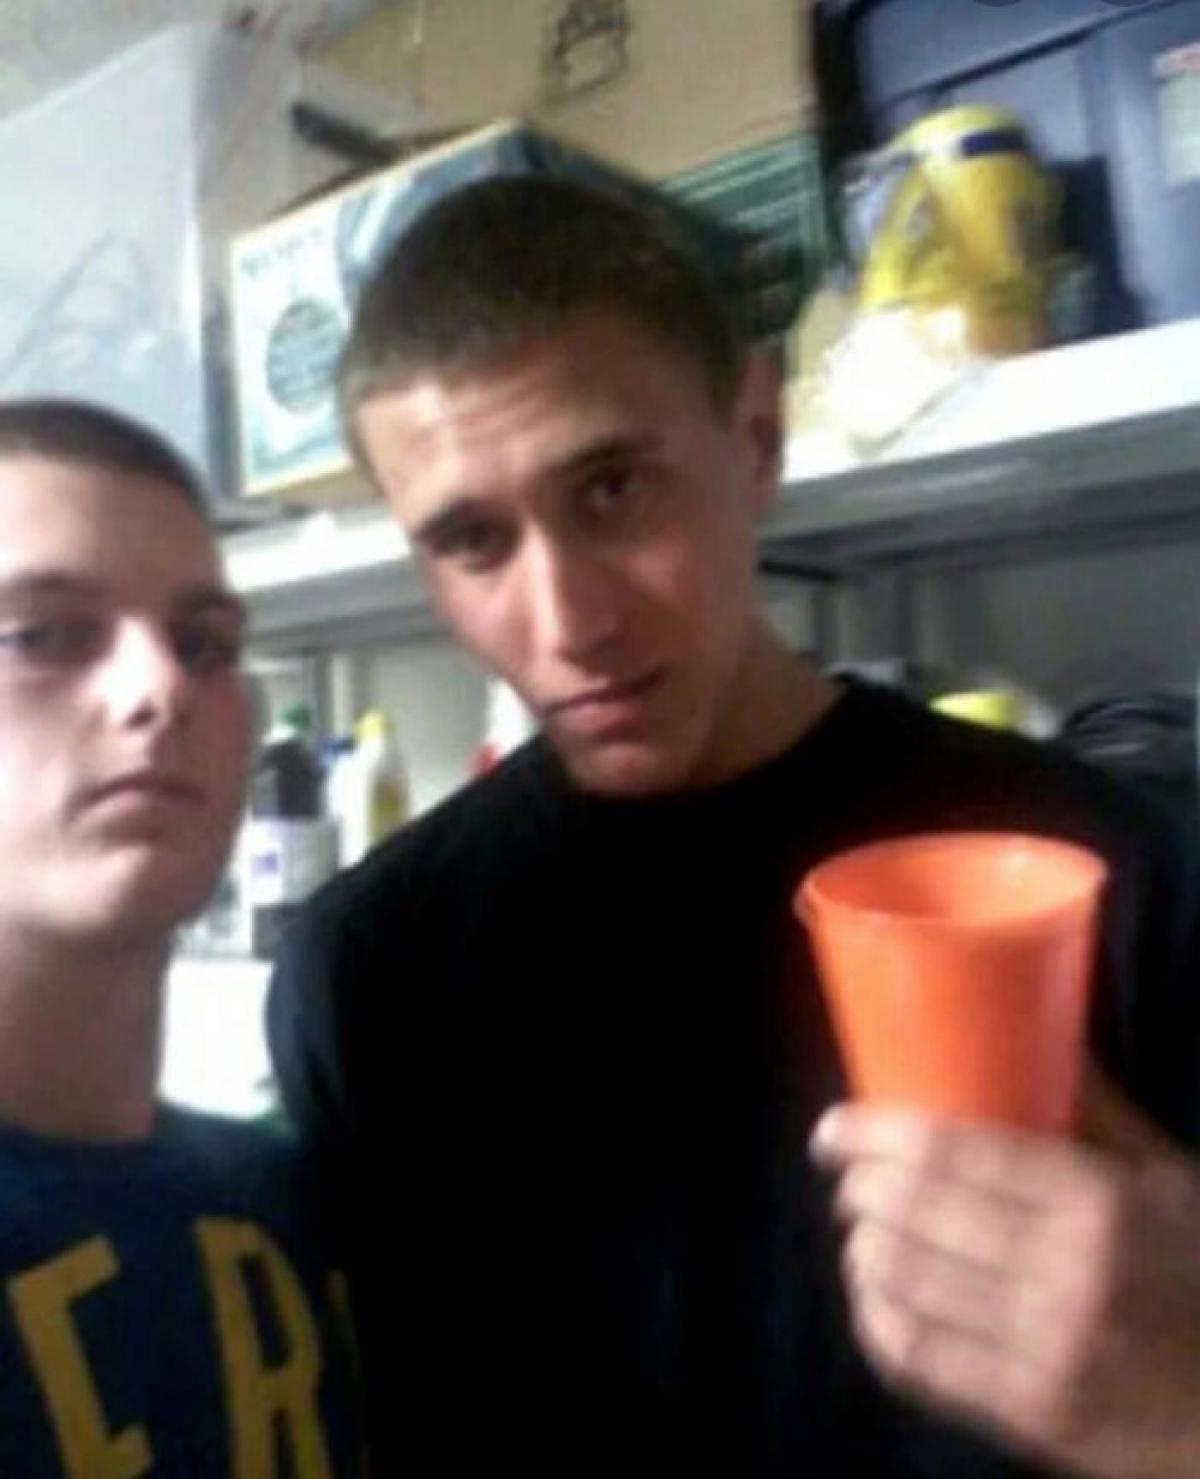 Đây là bức ảnh chụp Tyler Hadley - người đang cầm một chiếc cốc, trong một bữa tiệc tại nhà của đối tượng. Ngay trước bữa tiệc, hắn đã dùng búa sát hại cha mẹ mình và giấu xác của họ trong phòng ngủ./.